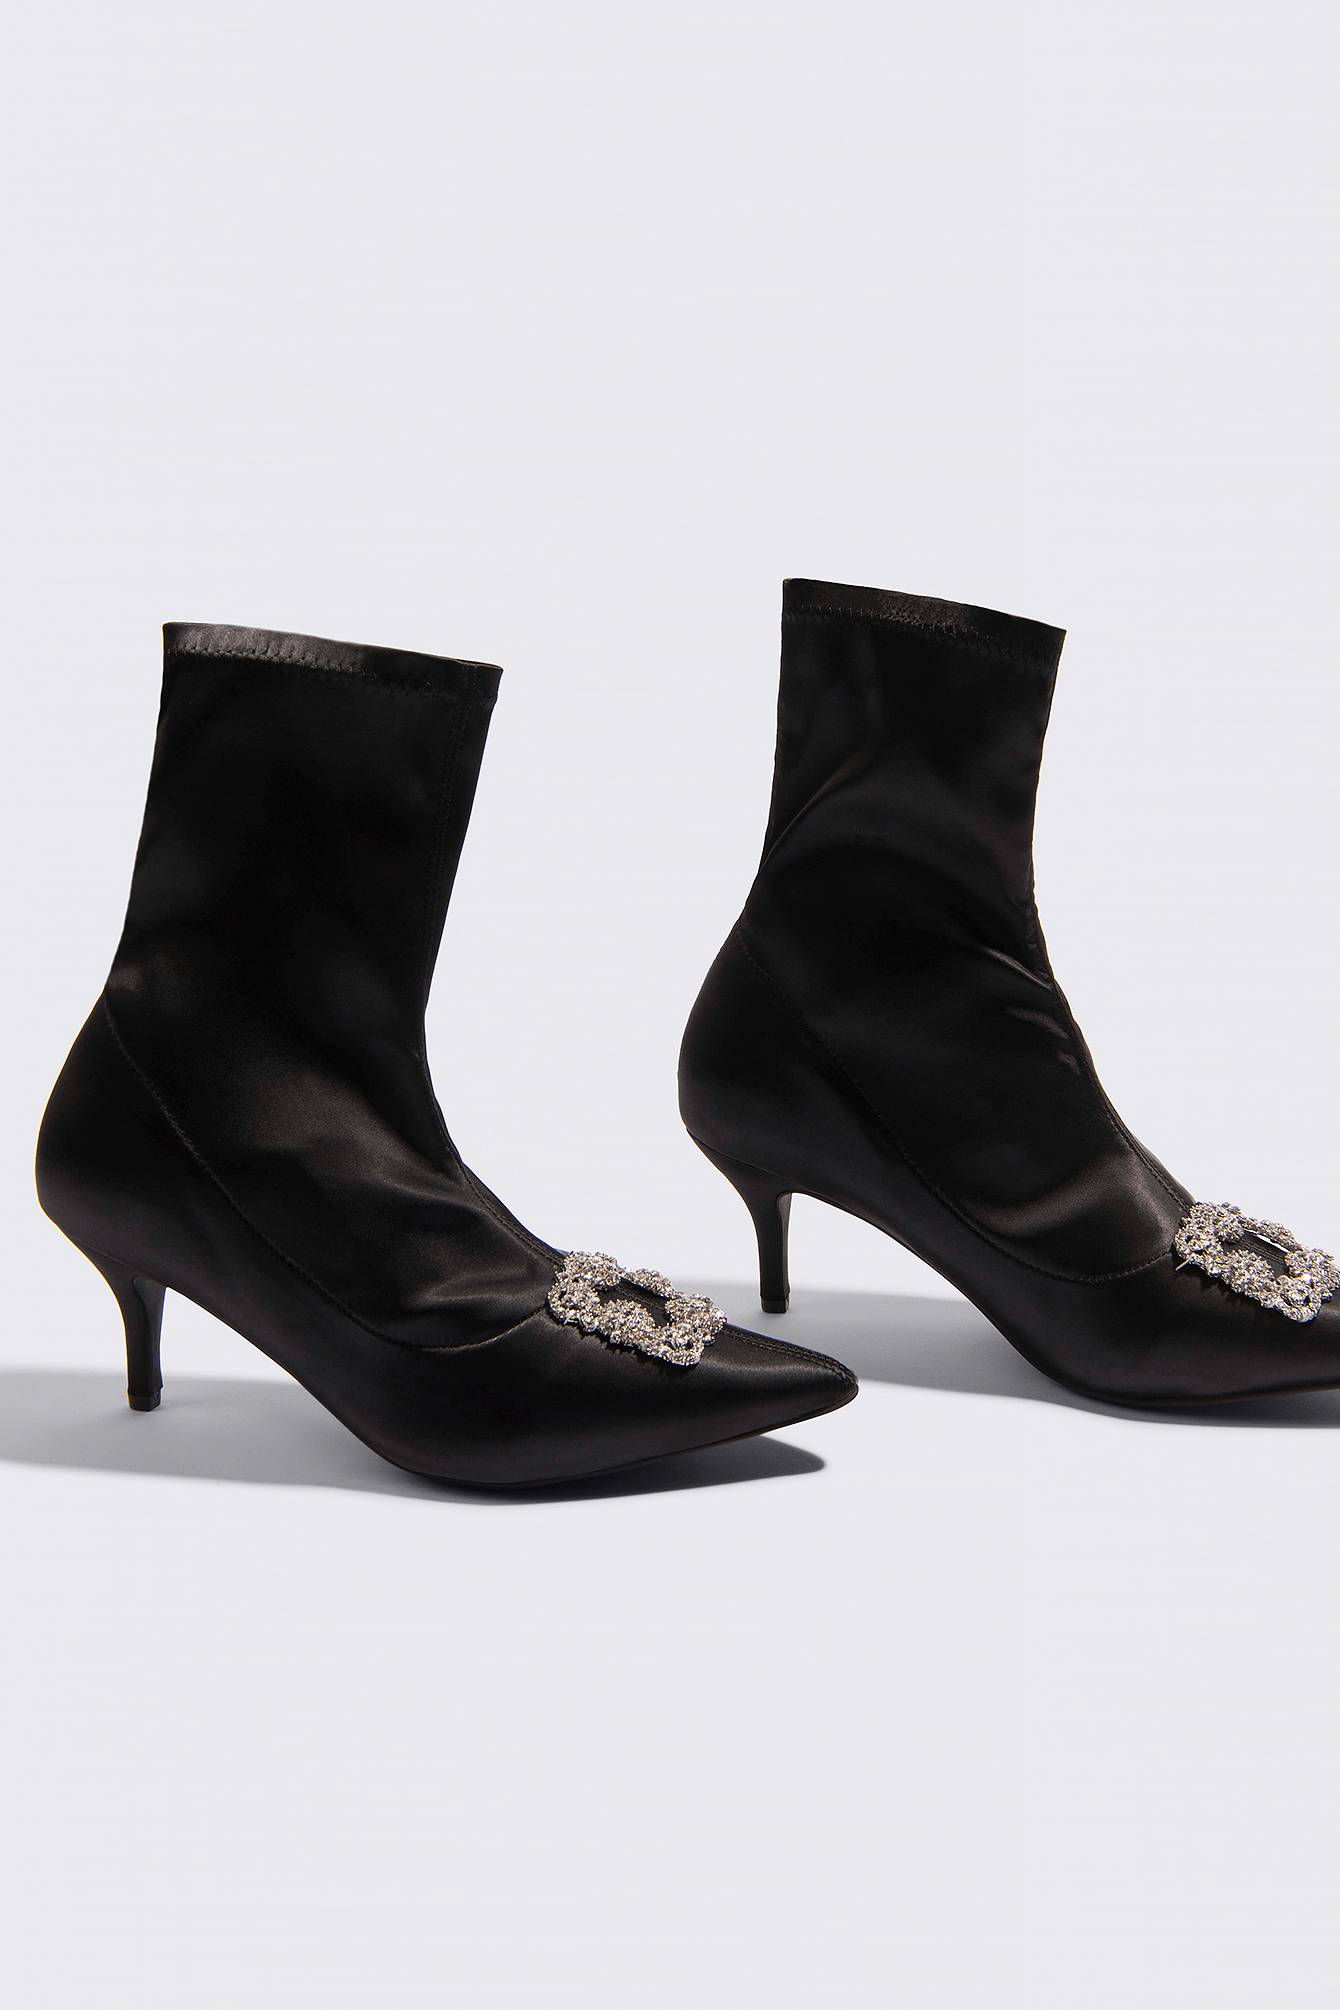 NA-KD Shoes Embellished Satin Sock Boots - Black